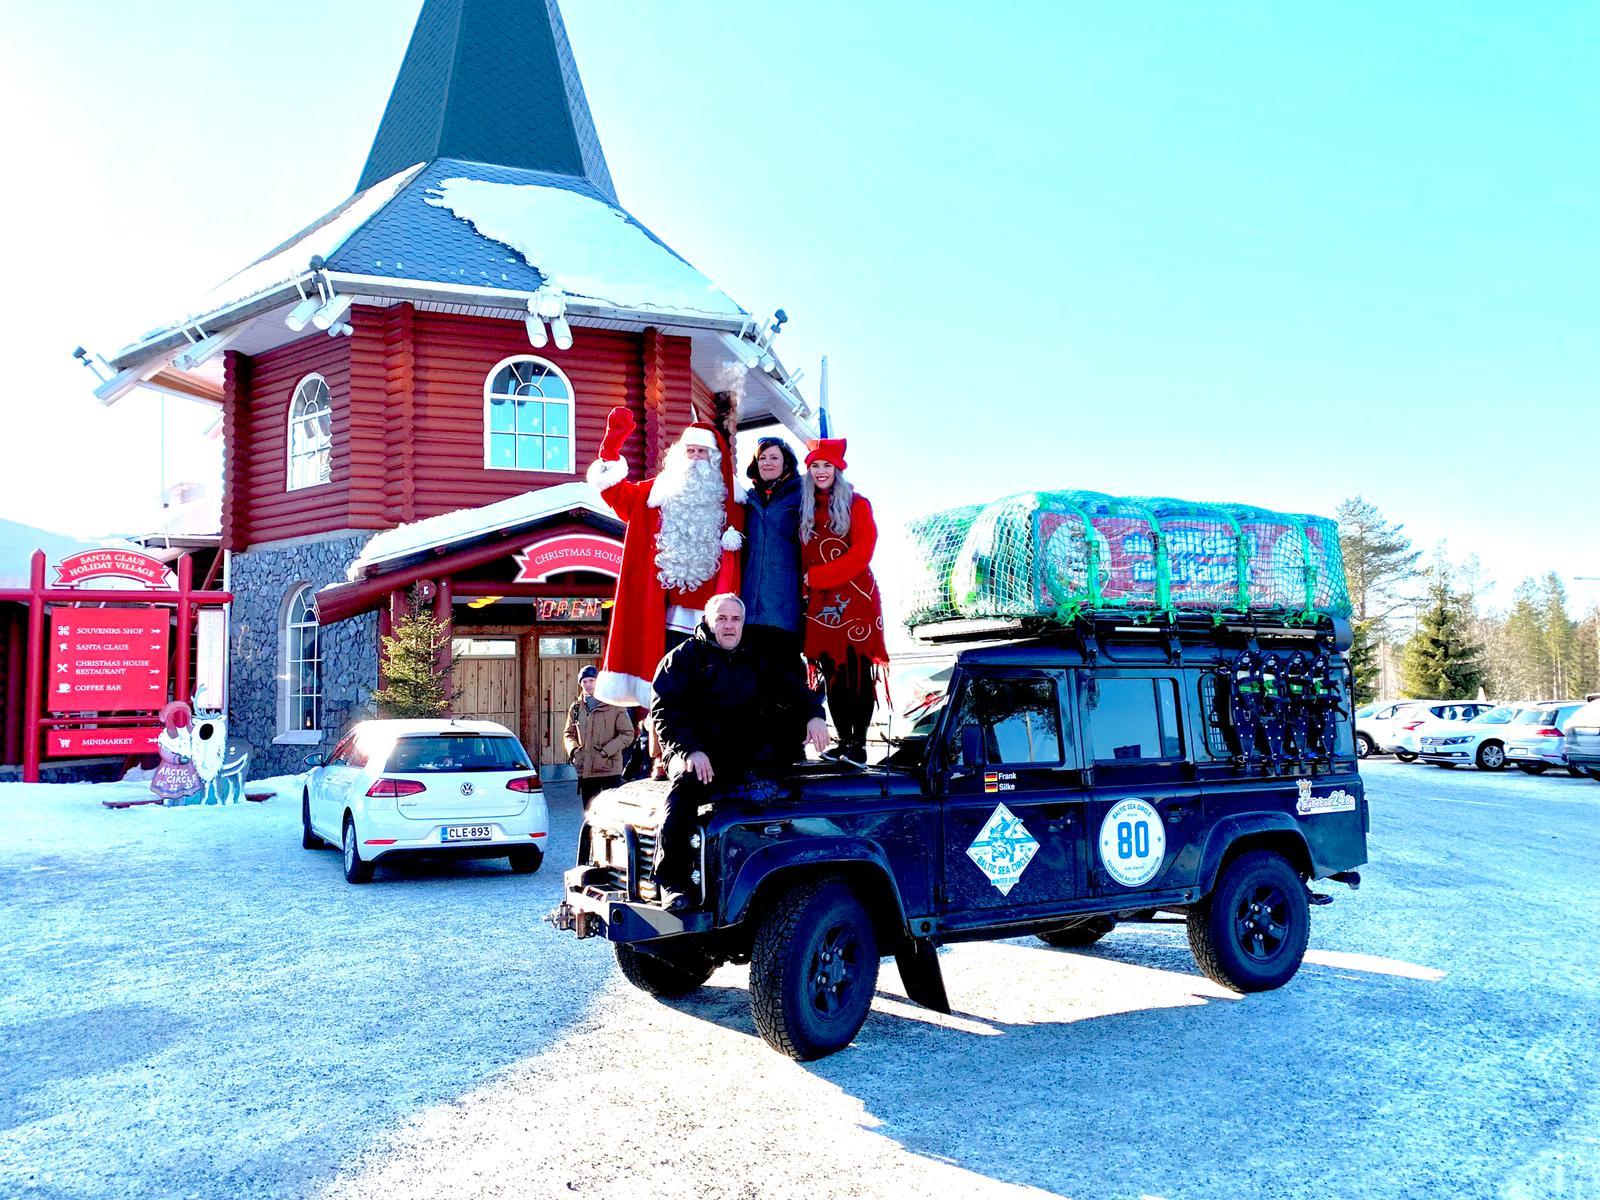 Team Bällebad bei Baltic Sea Circle Winter 2019 - Beim Weihnachtsmann 1